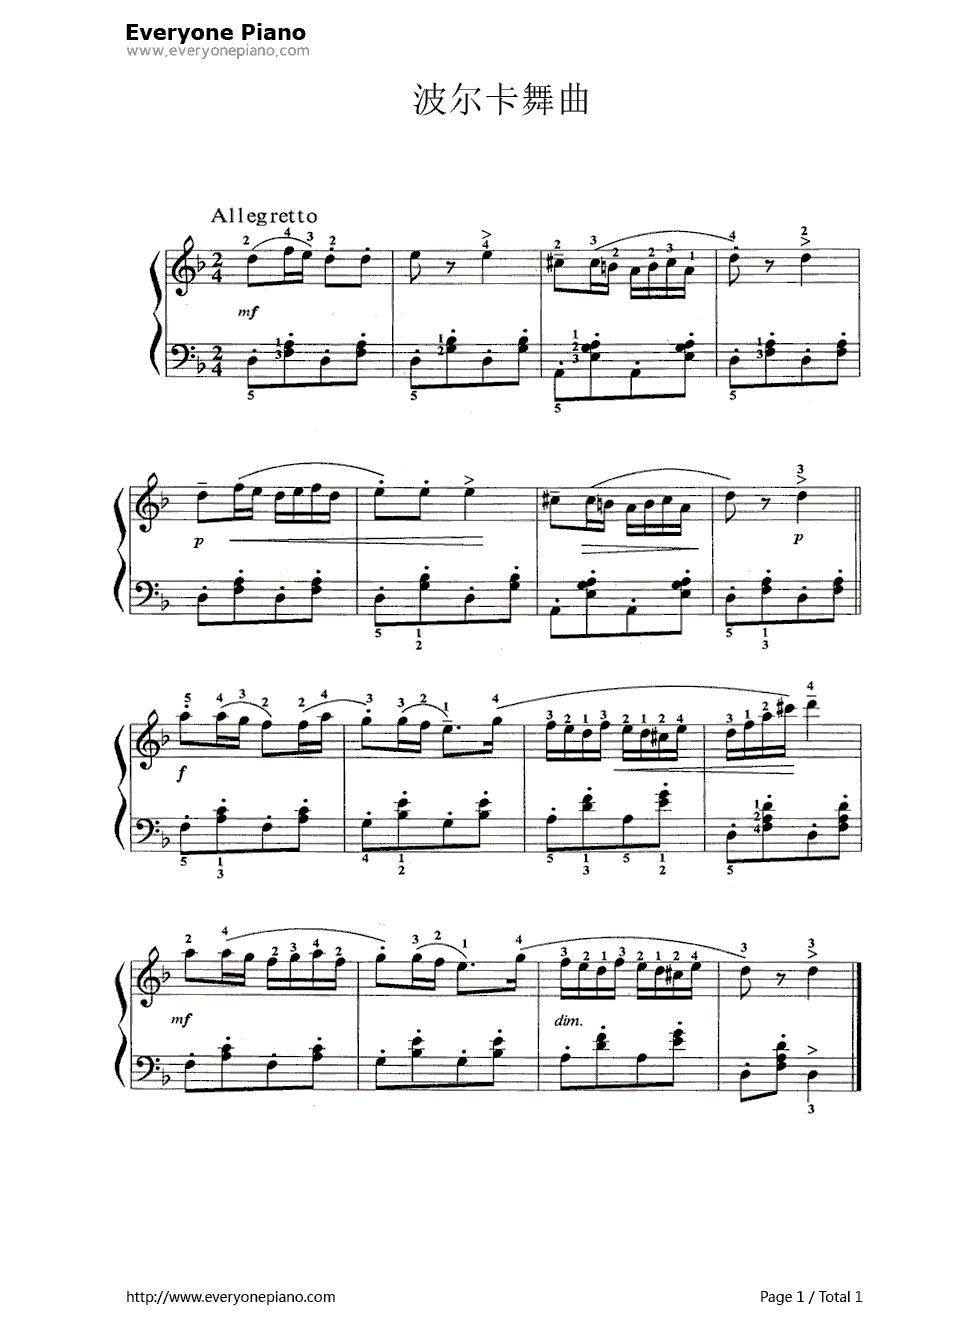 钢琴曲谱 练习曲 波尔卡舞曲-波尔卡 波尔卡舞曲-波尔卡五线谱预览1